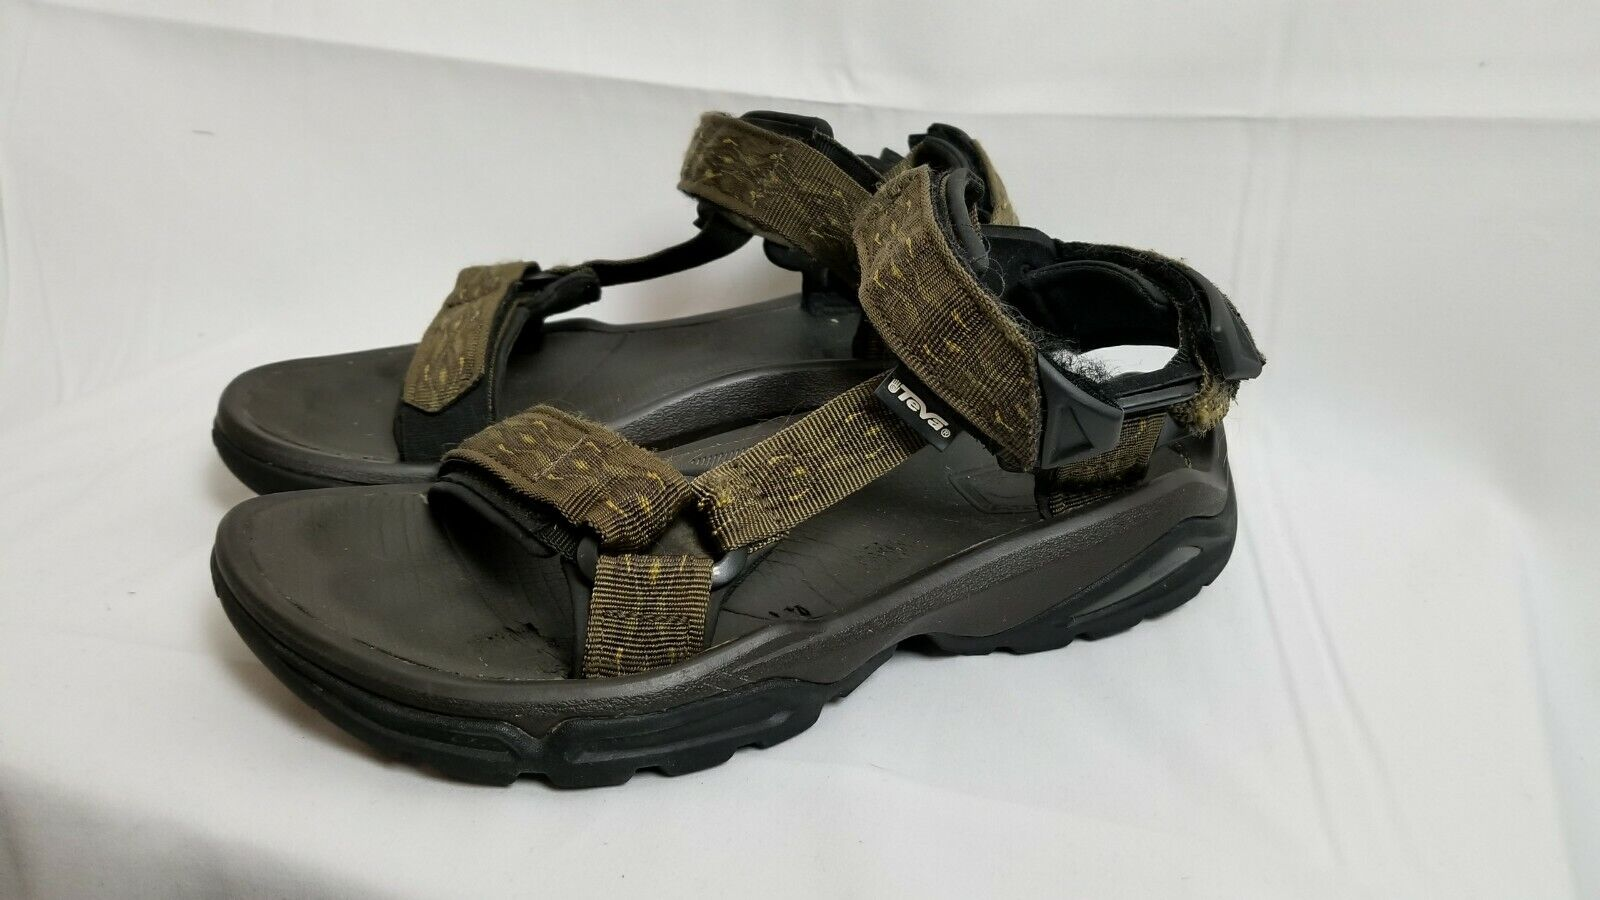 TEVA Shocpad Mens US 8 Sport Sandals Hiking Trail River ShocPad S N 1004485